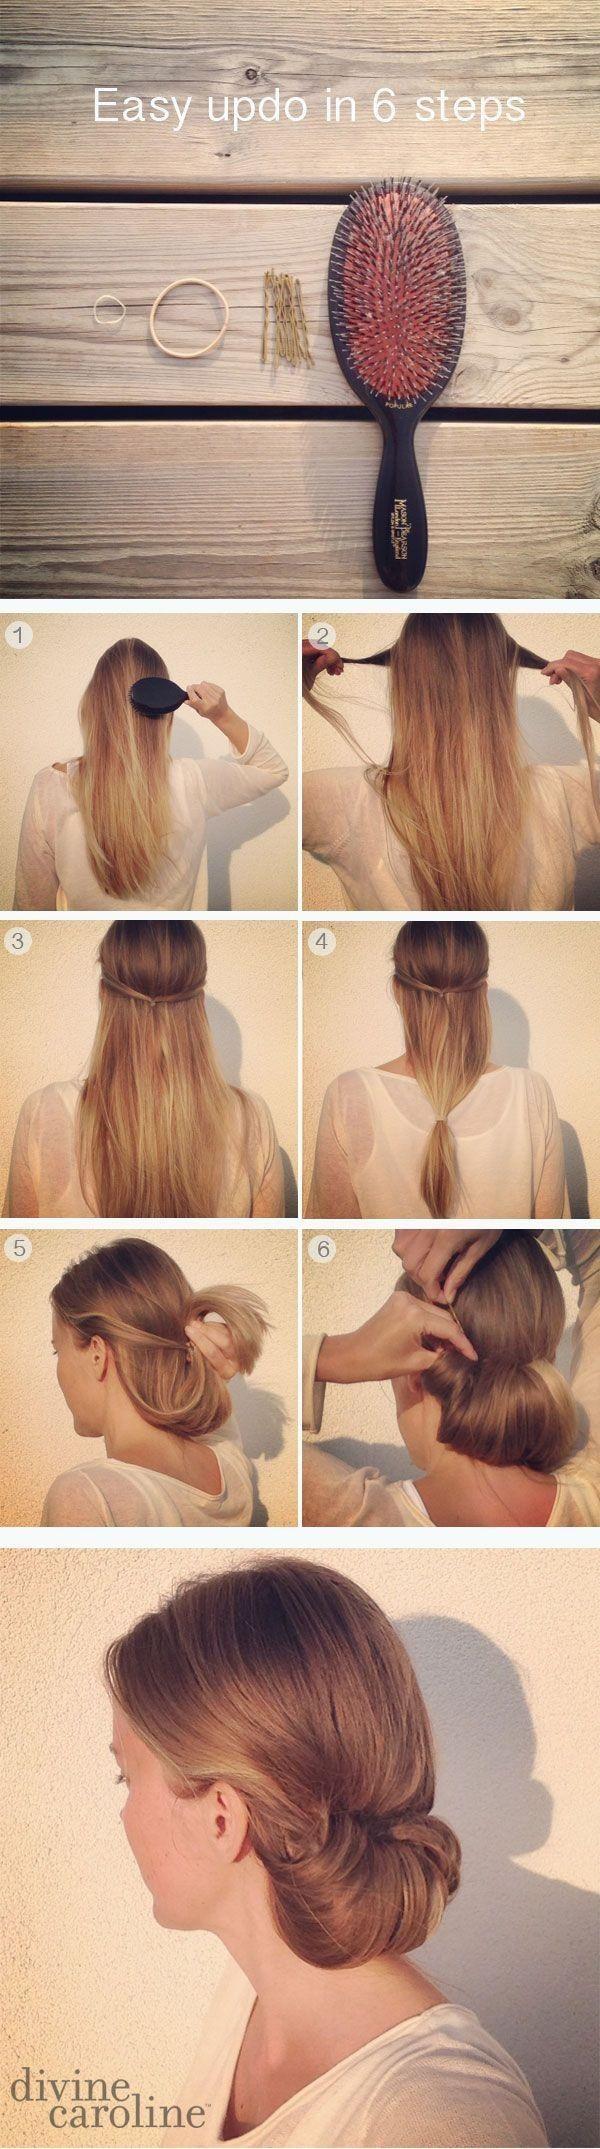 Прически длинные волосы быстро своими руками фото